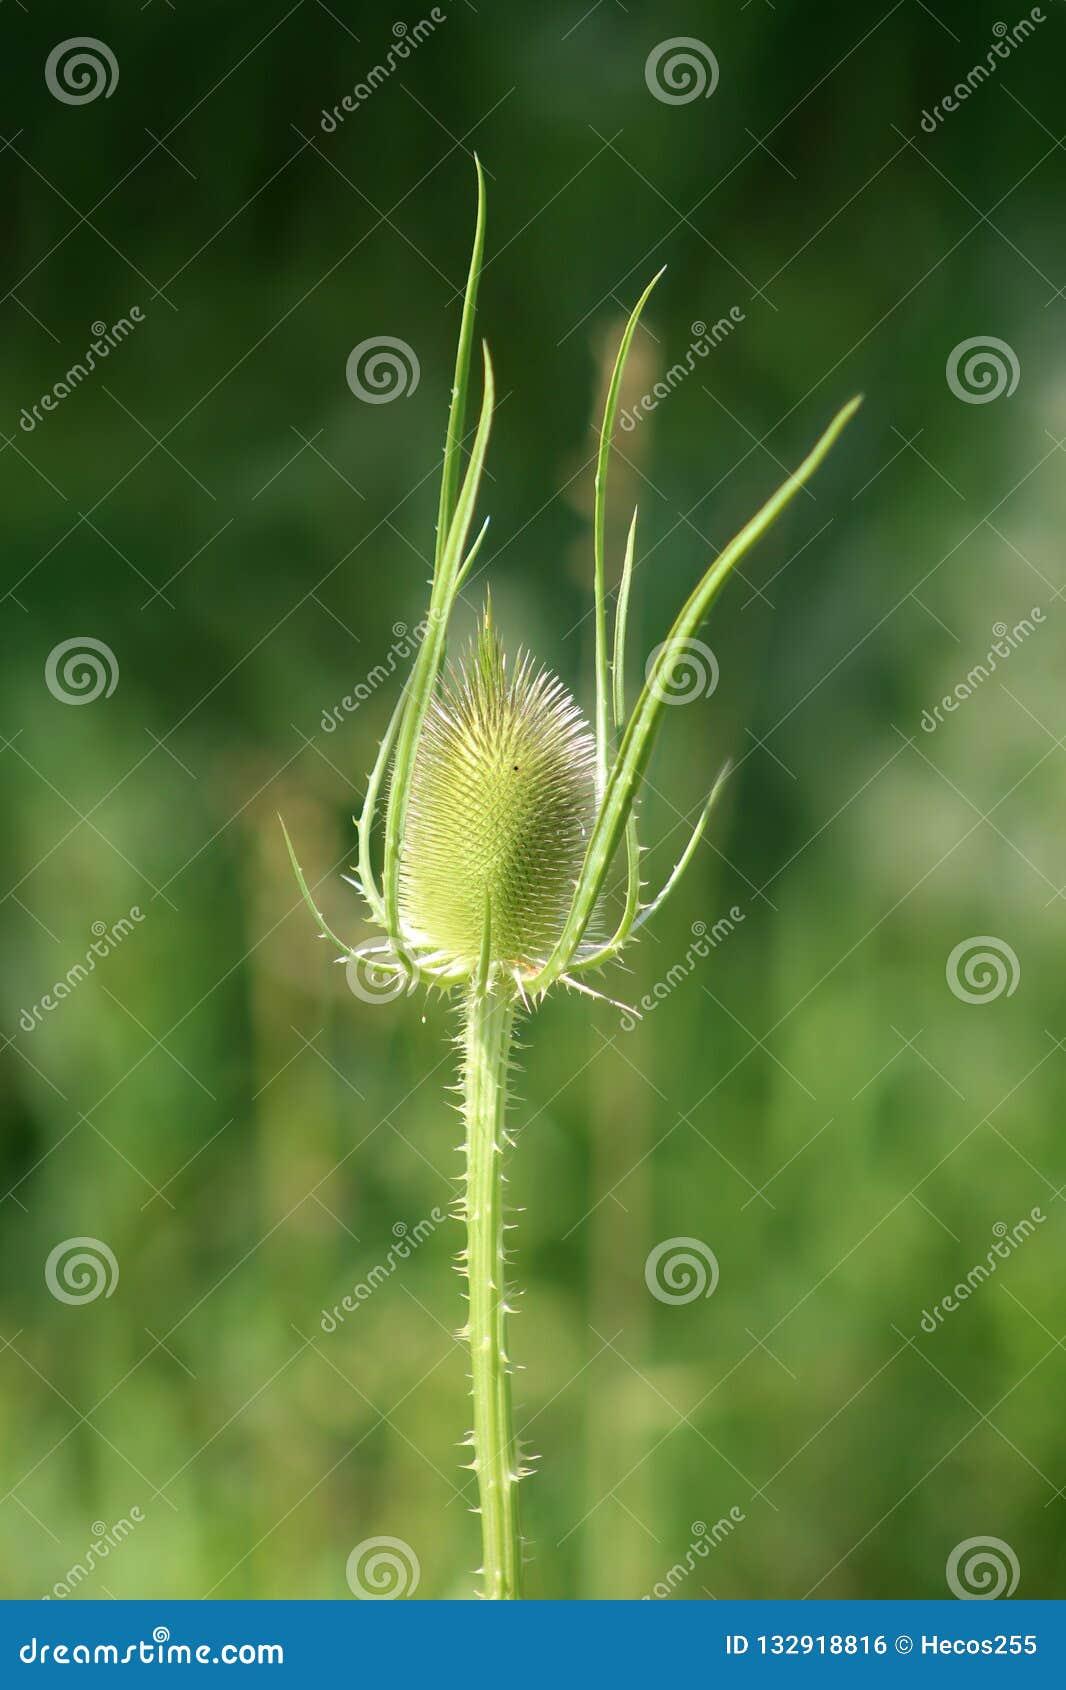 狂放的起毛机或川续断属fullonum充分地有多刺的词根的绿色植物和在浅绿色的庭院的笔直蛋形头状花序